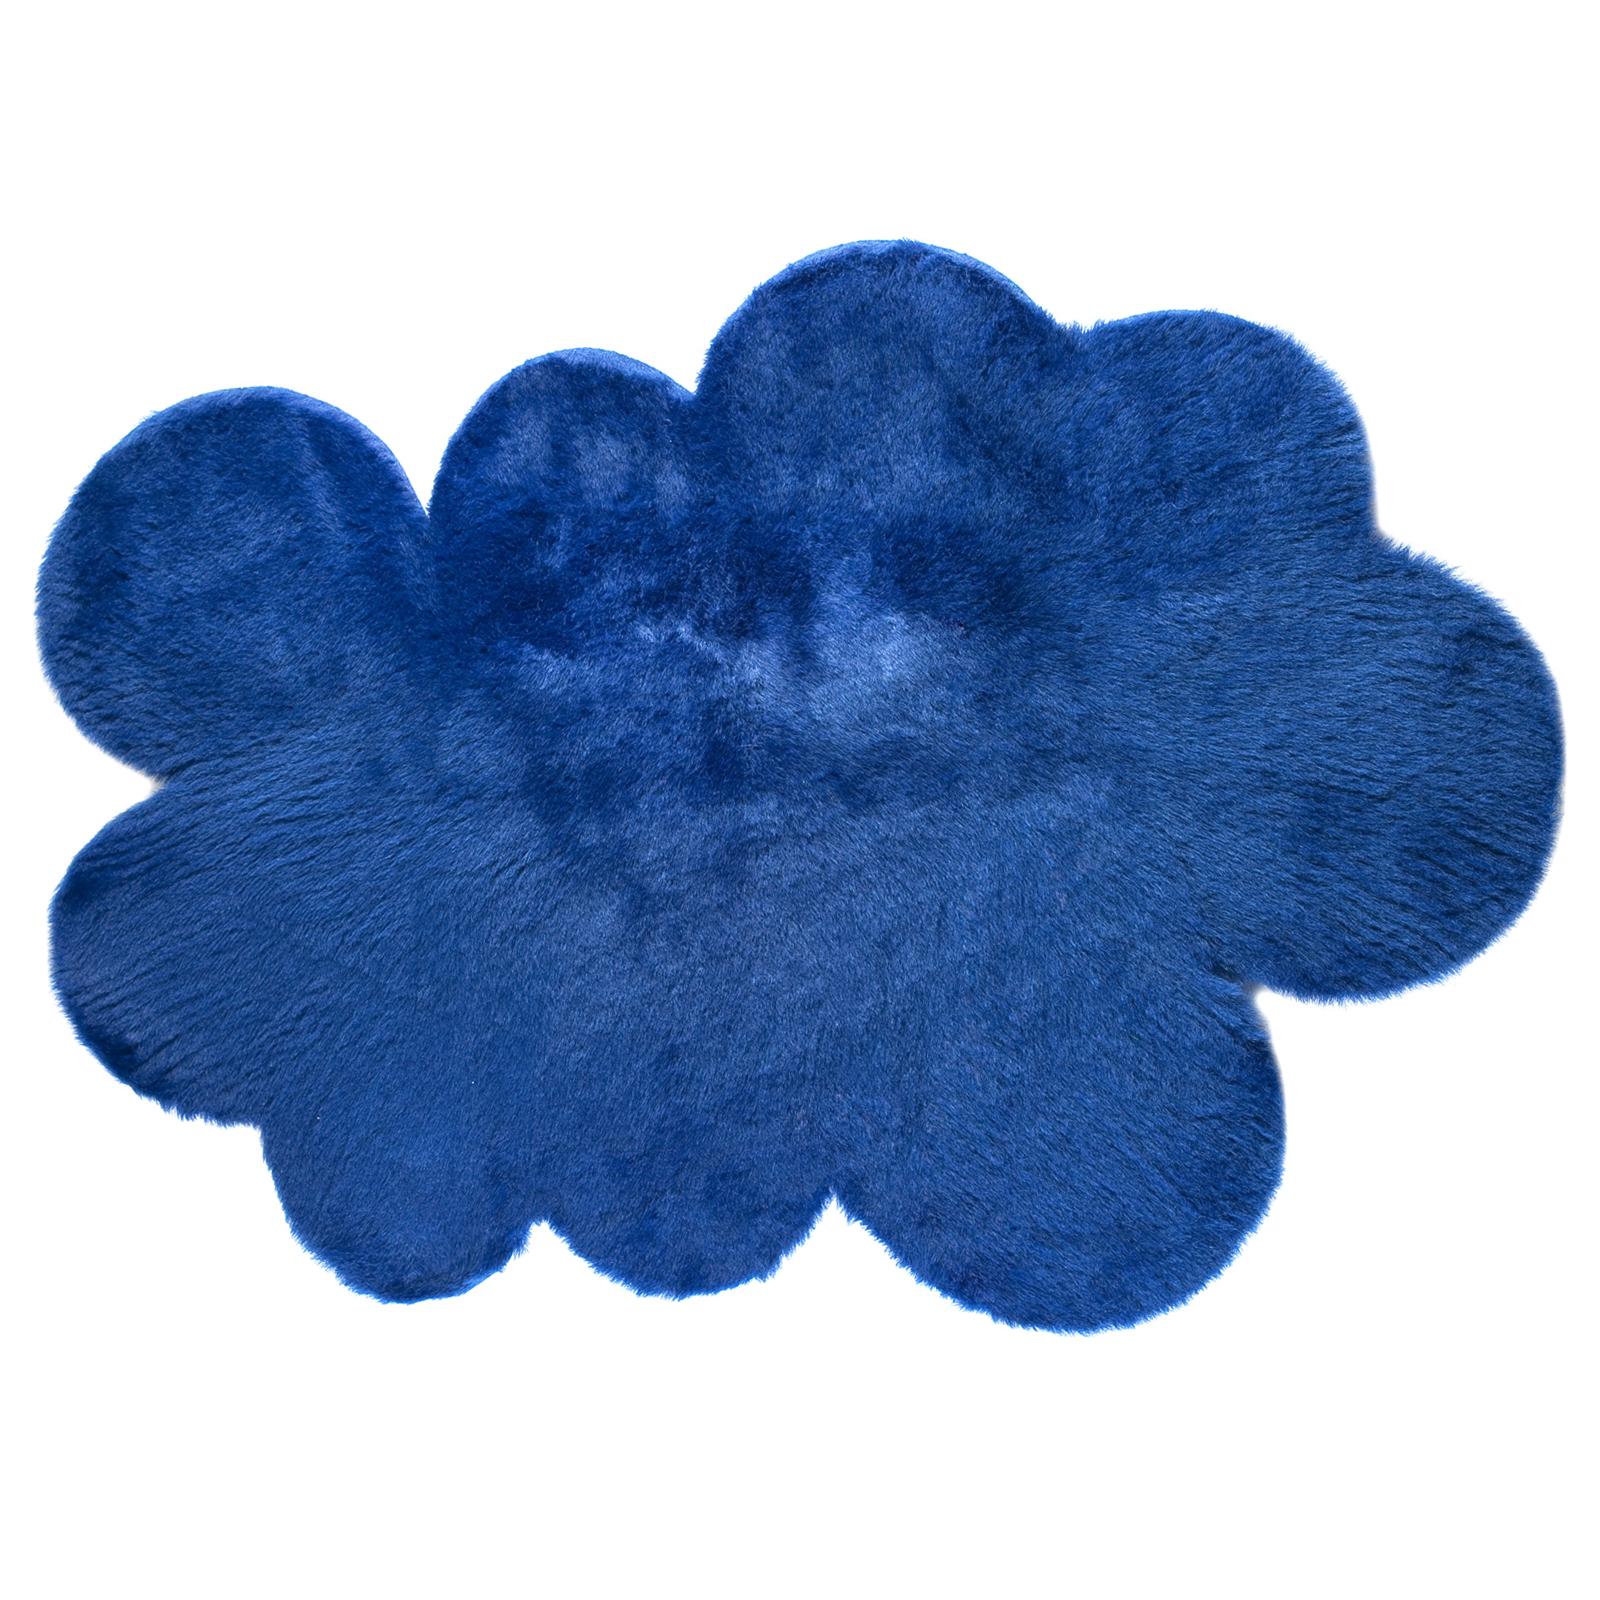 25 pour les chambres tapis chambre bb nuage tapis nuage - Tapis Chambre Bebe Bleu